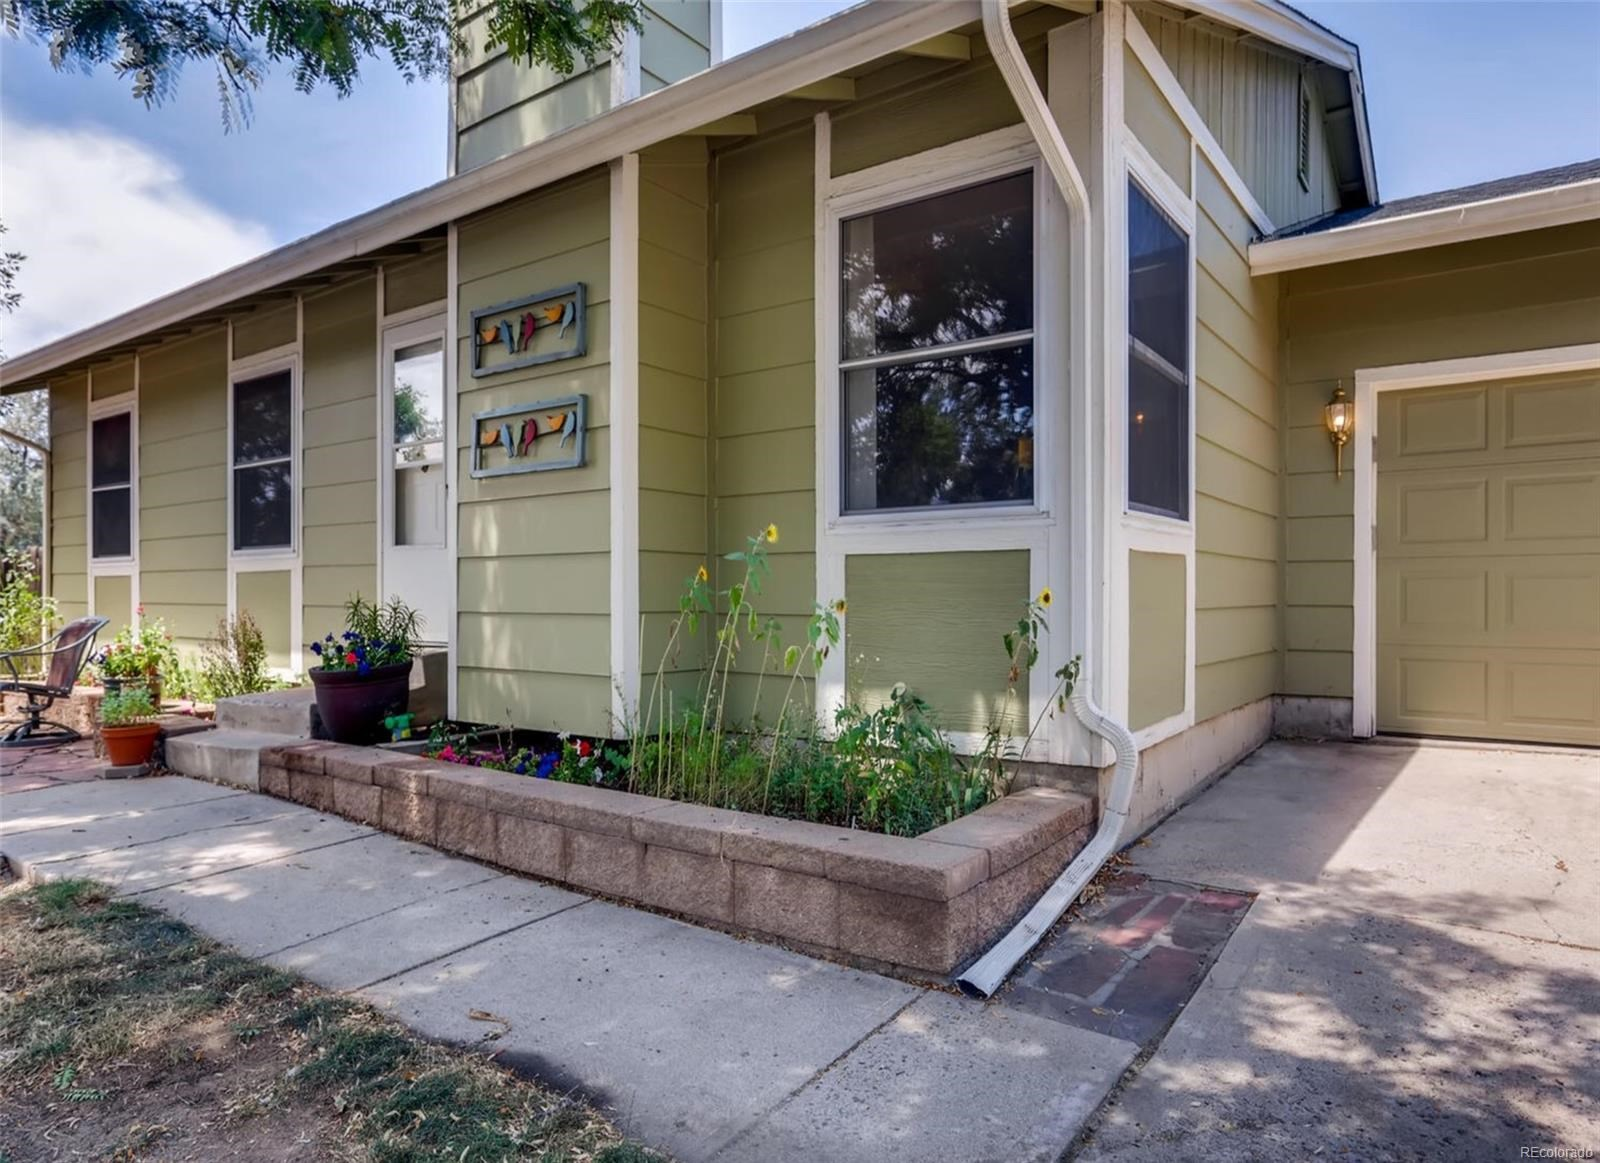 MLS# 8877836 - 2 - 16703 E Kenyon Drive, Aurora, CO 80013